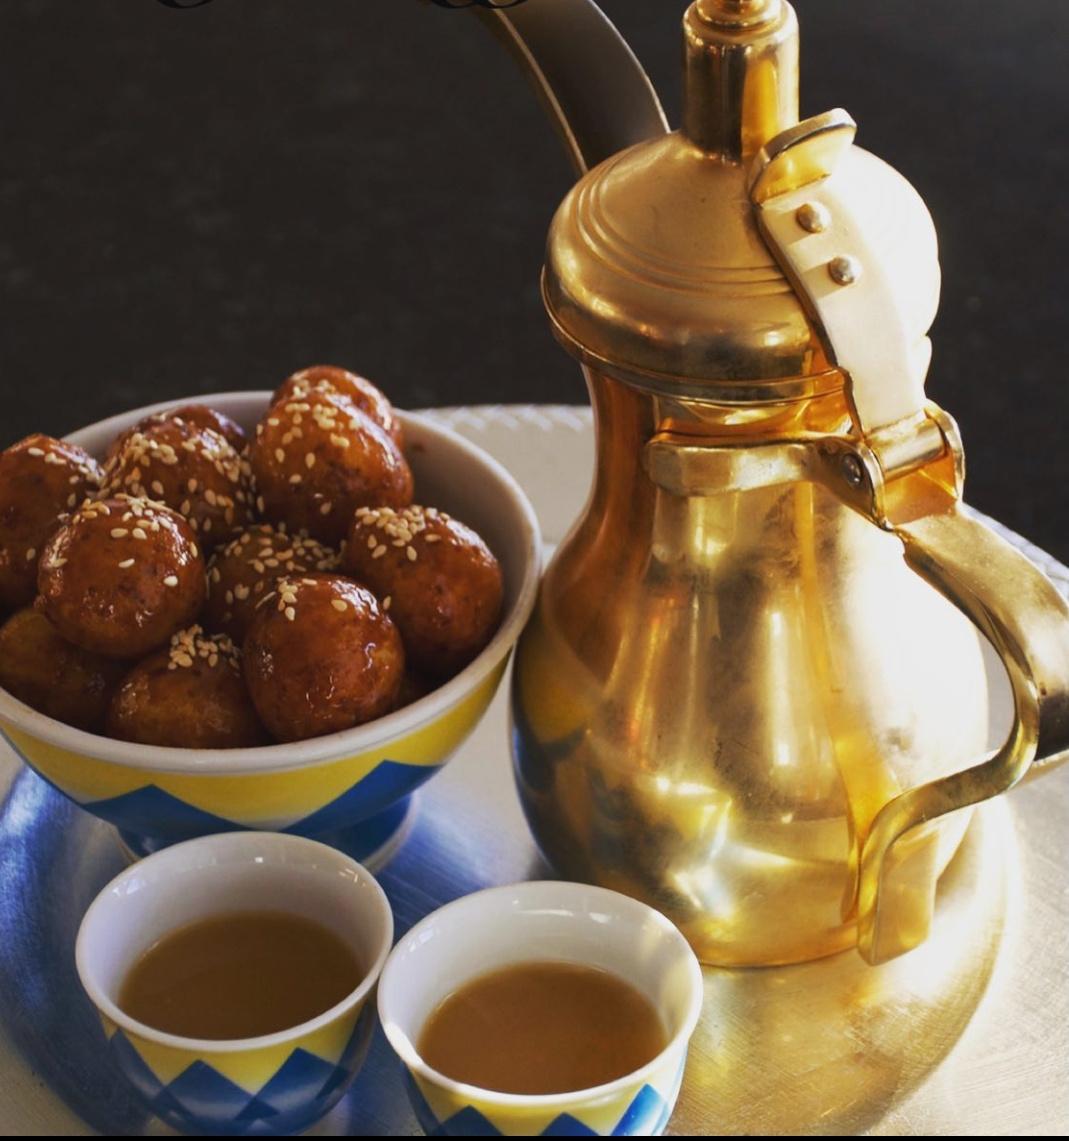 Saffron qahwa recipe